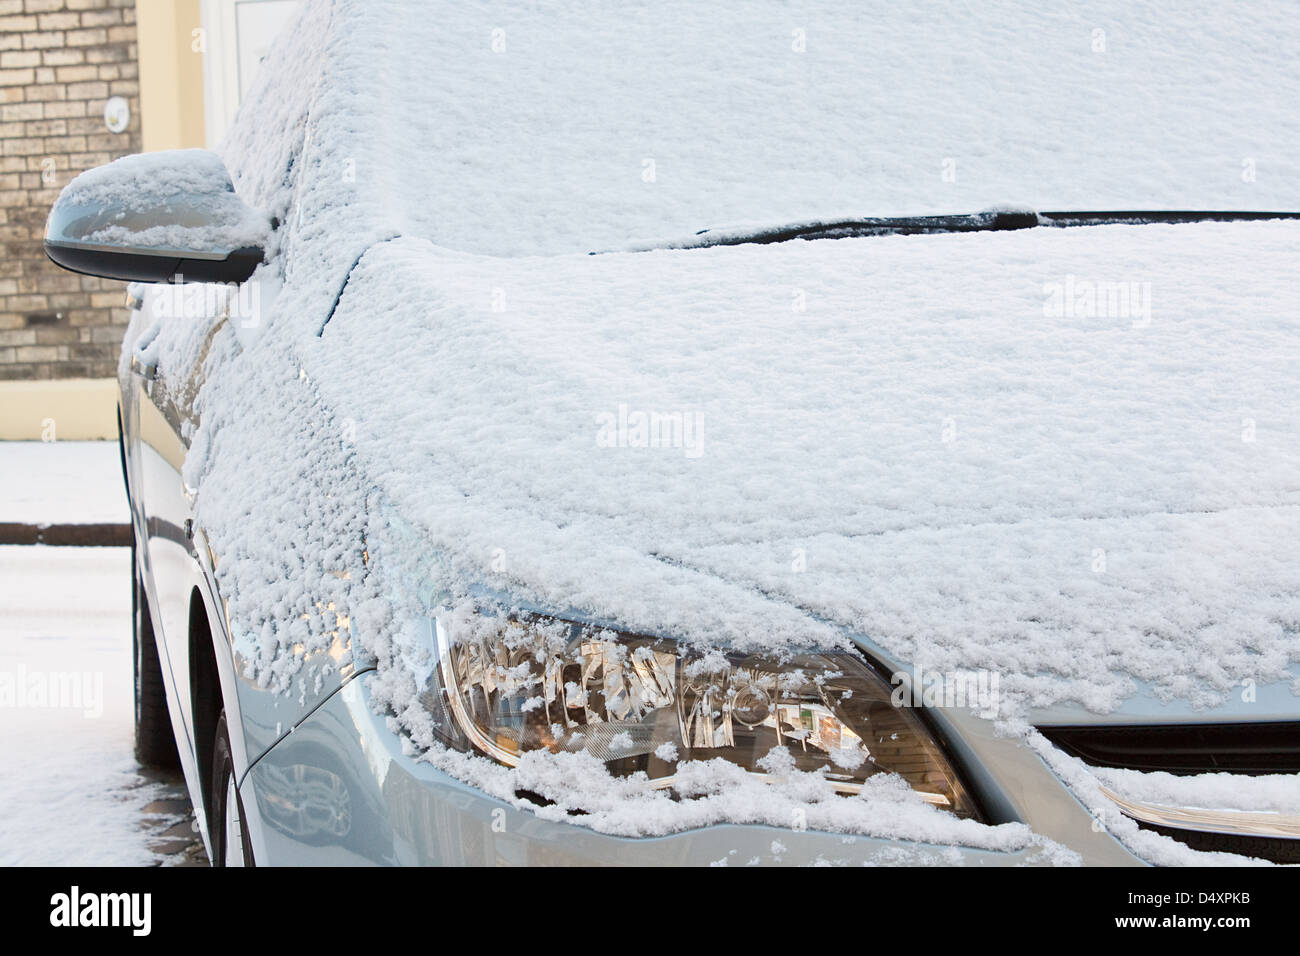 Capot avant et les phares de voiture européenne couverts d'une couche de neige fraîche au cours d'une saison d'hiver rigoureux Banque D'Images